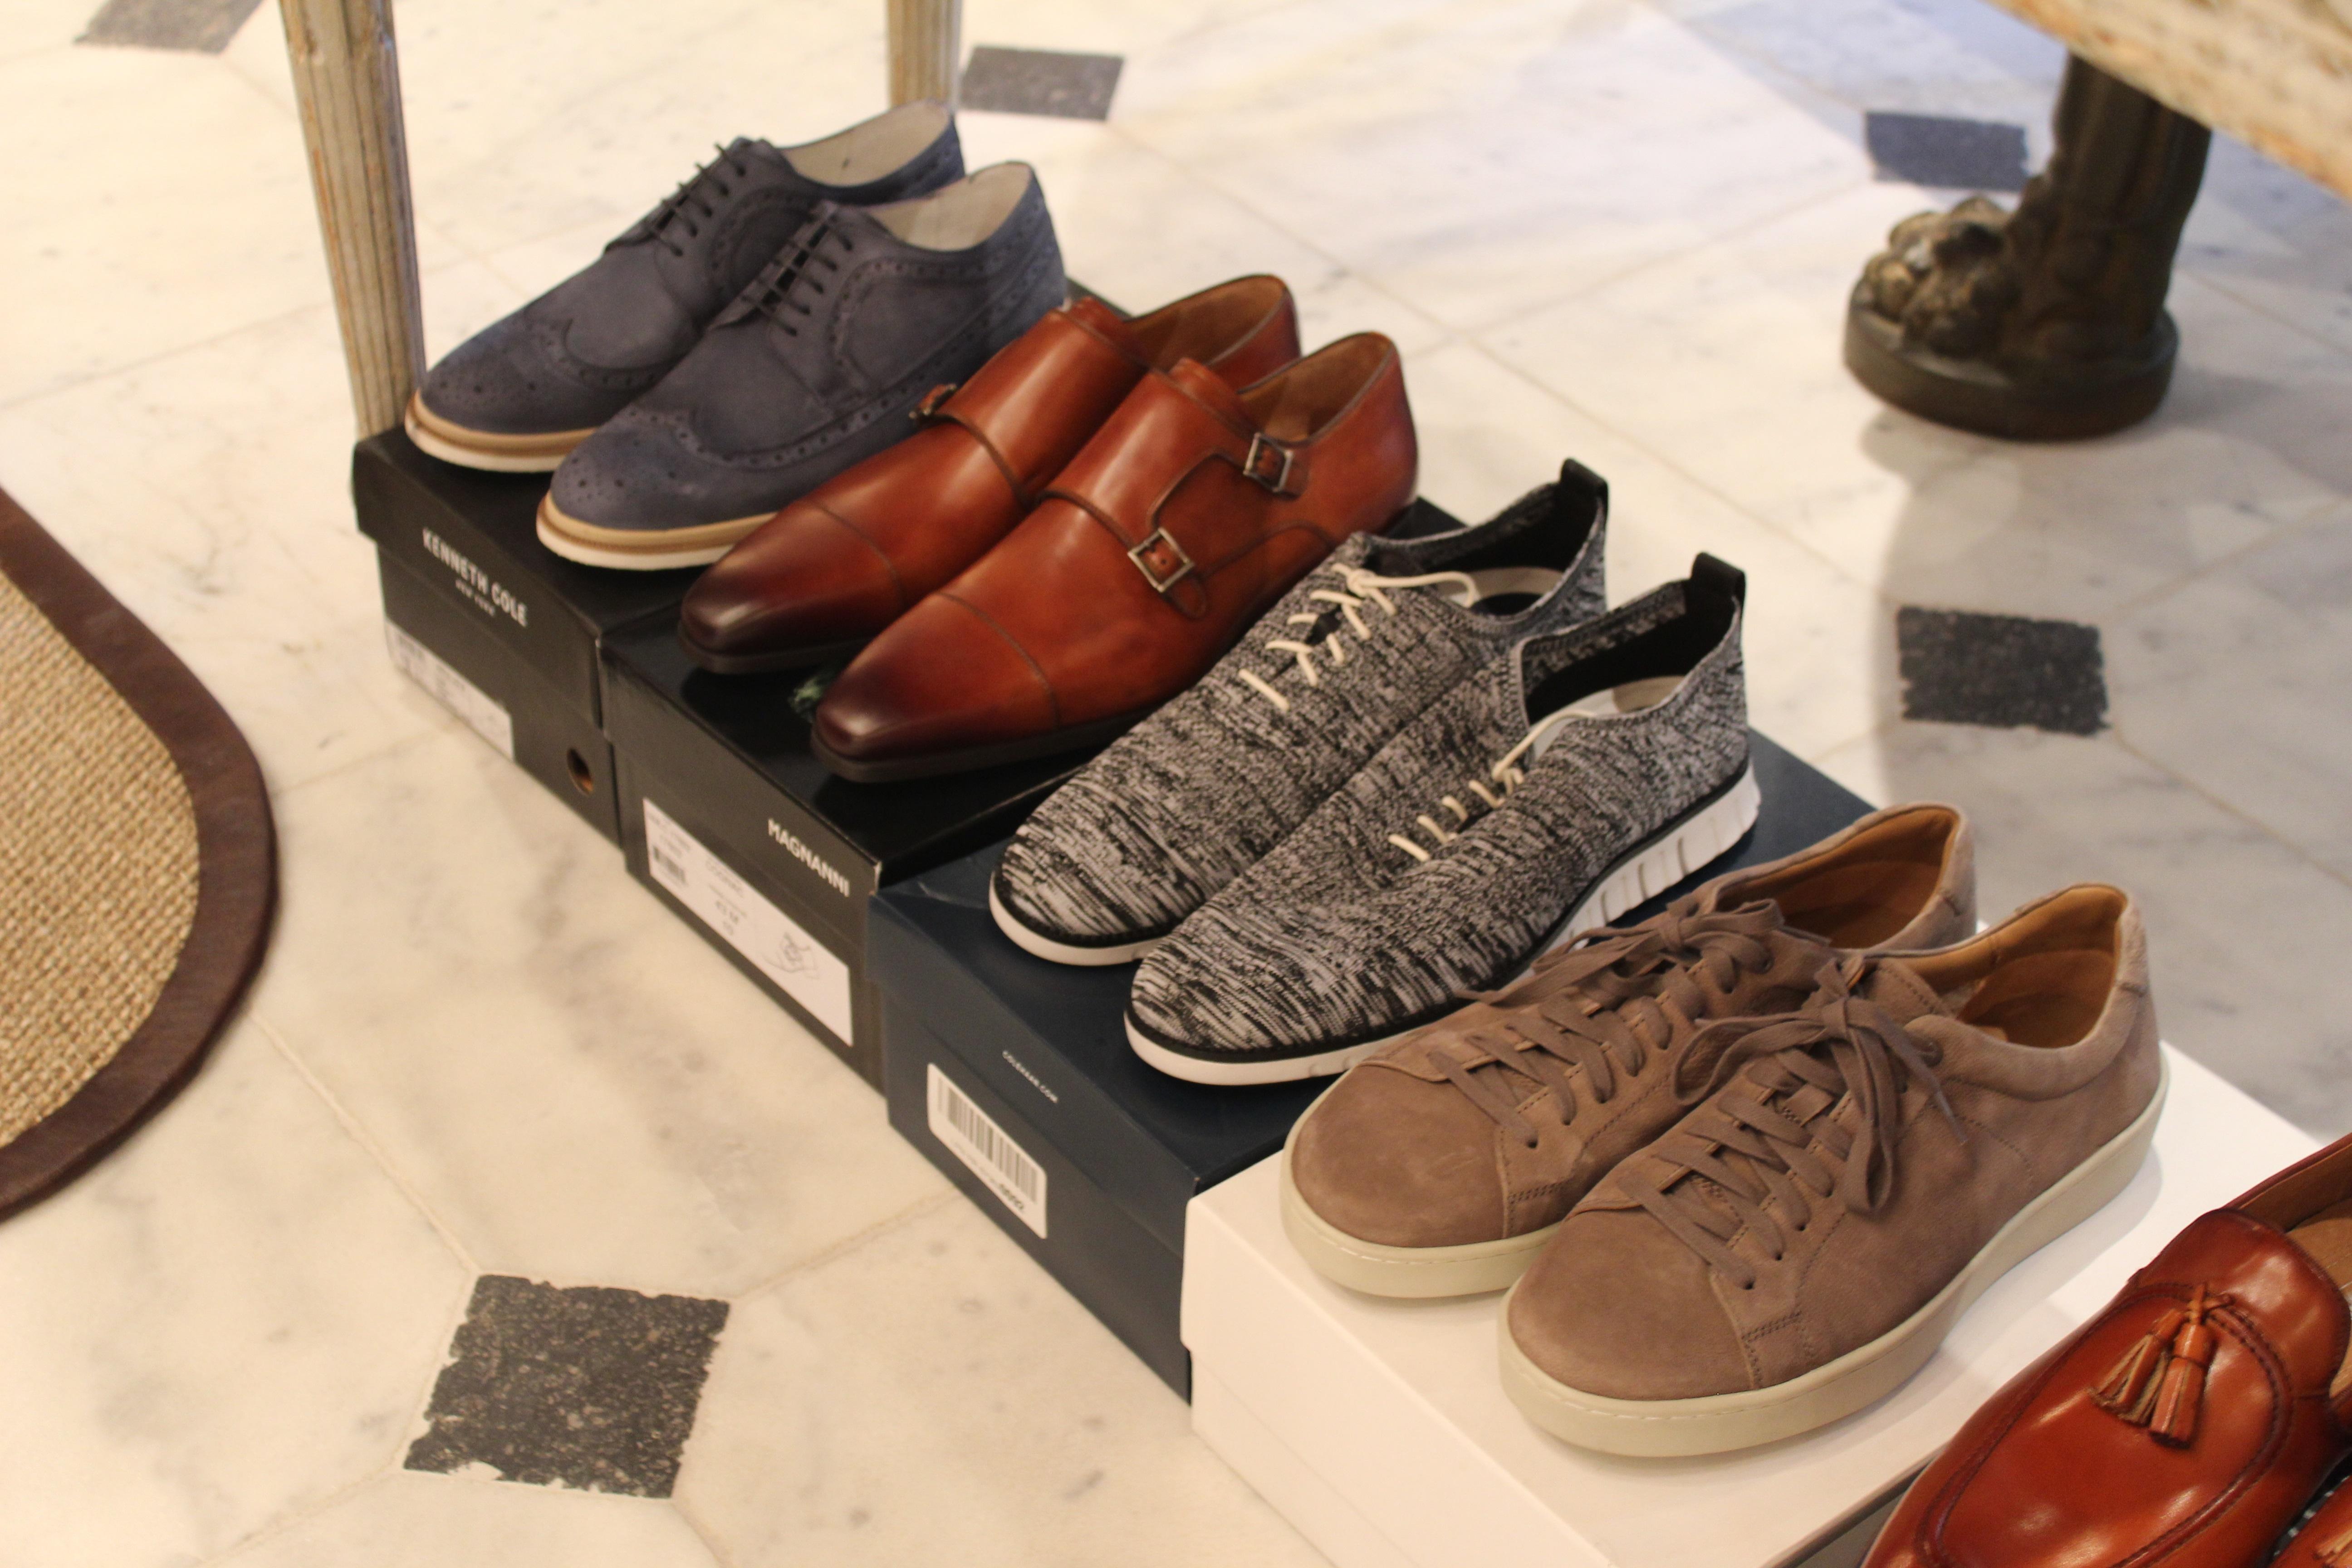 Men's Personal Shopping, Personal Fitting, shoe shopping, shoe fitting